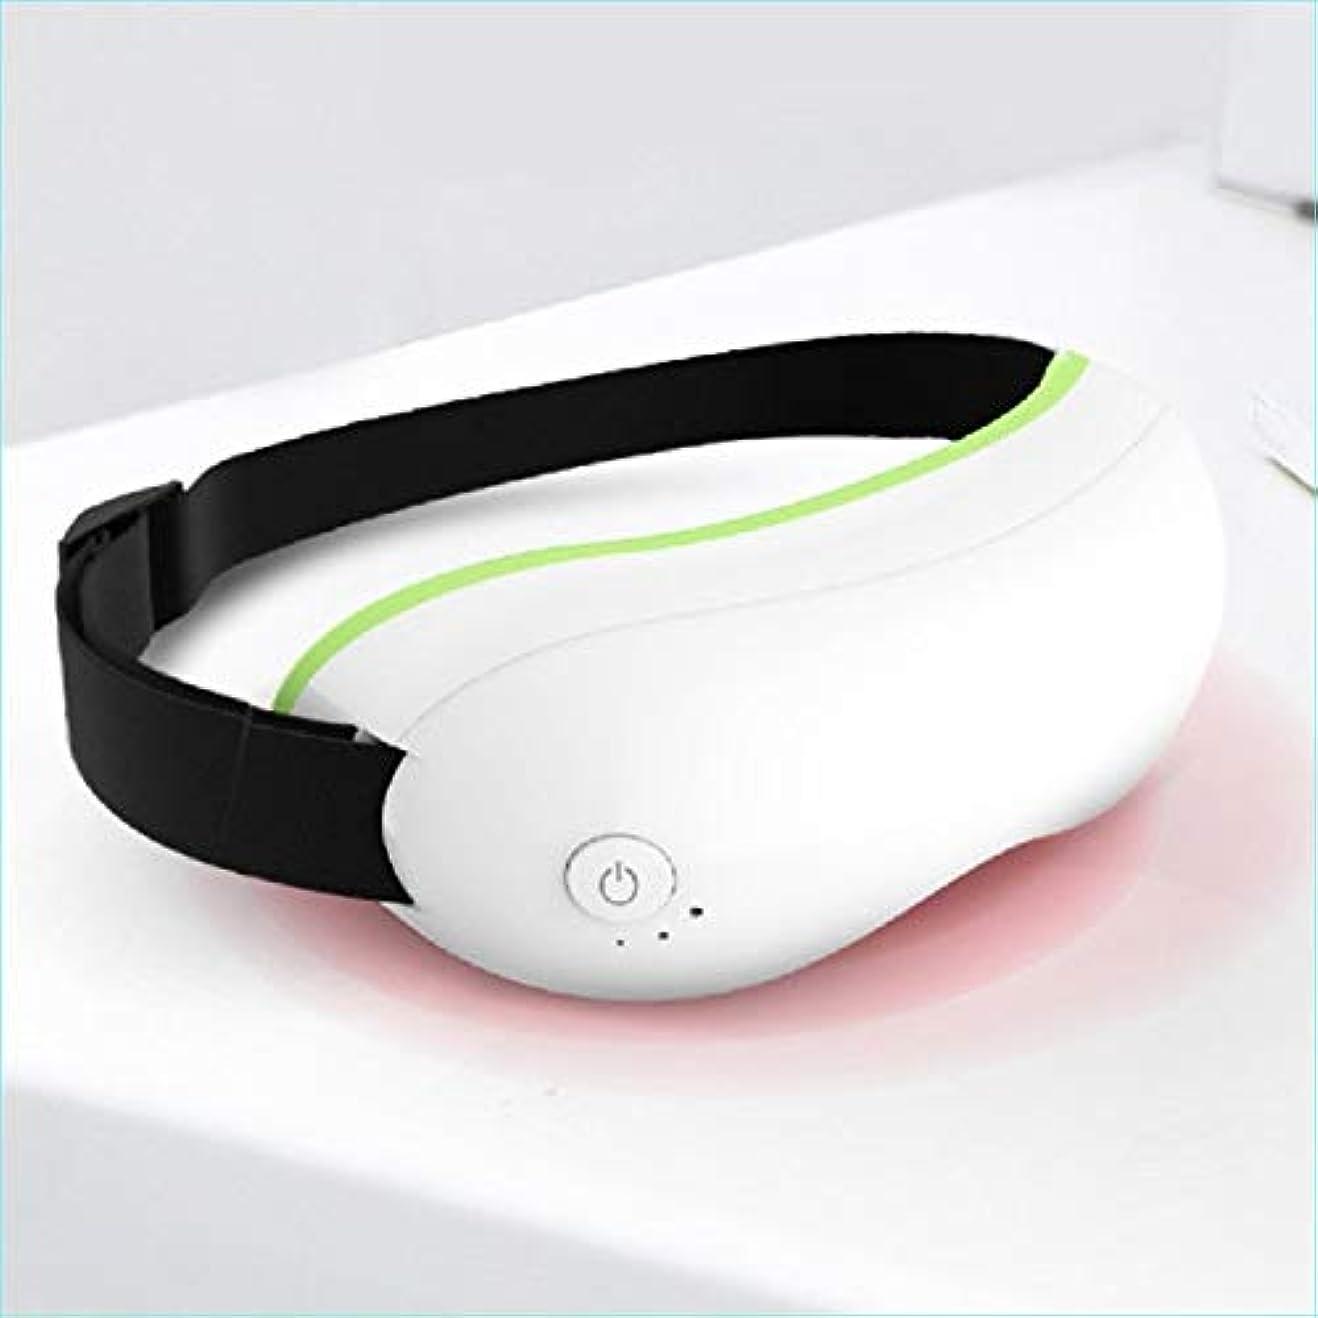 不確実順応性のある定義Ruzzy 暖房付きの高度な充電式ワイヤレスインテリジェント振動アイマッサージ 購入へようこそ (Color : White)